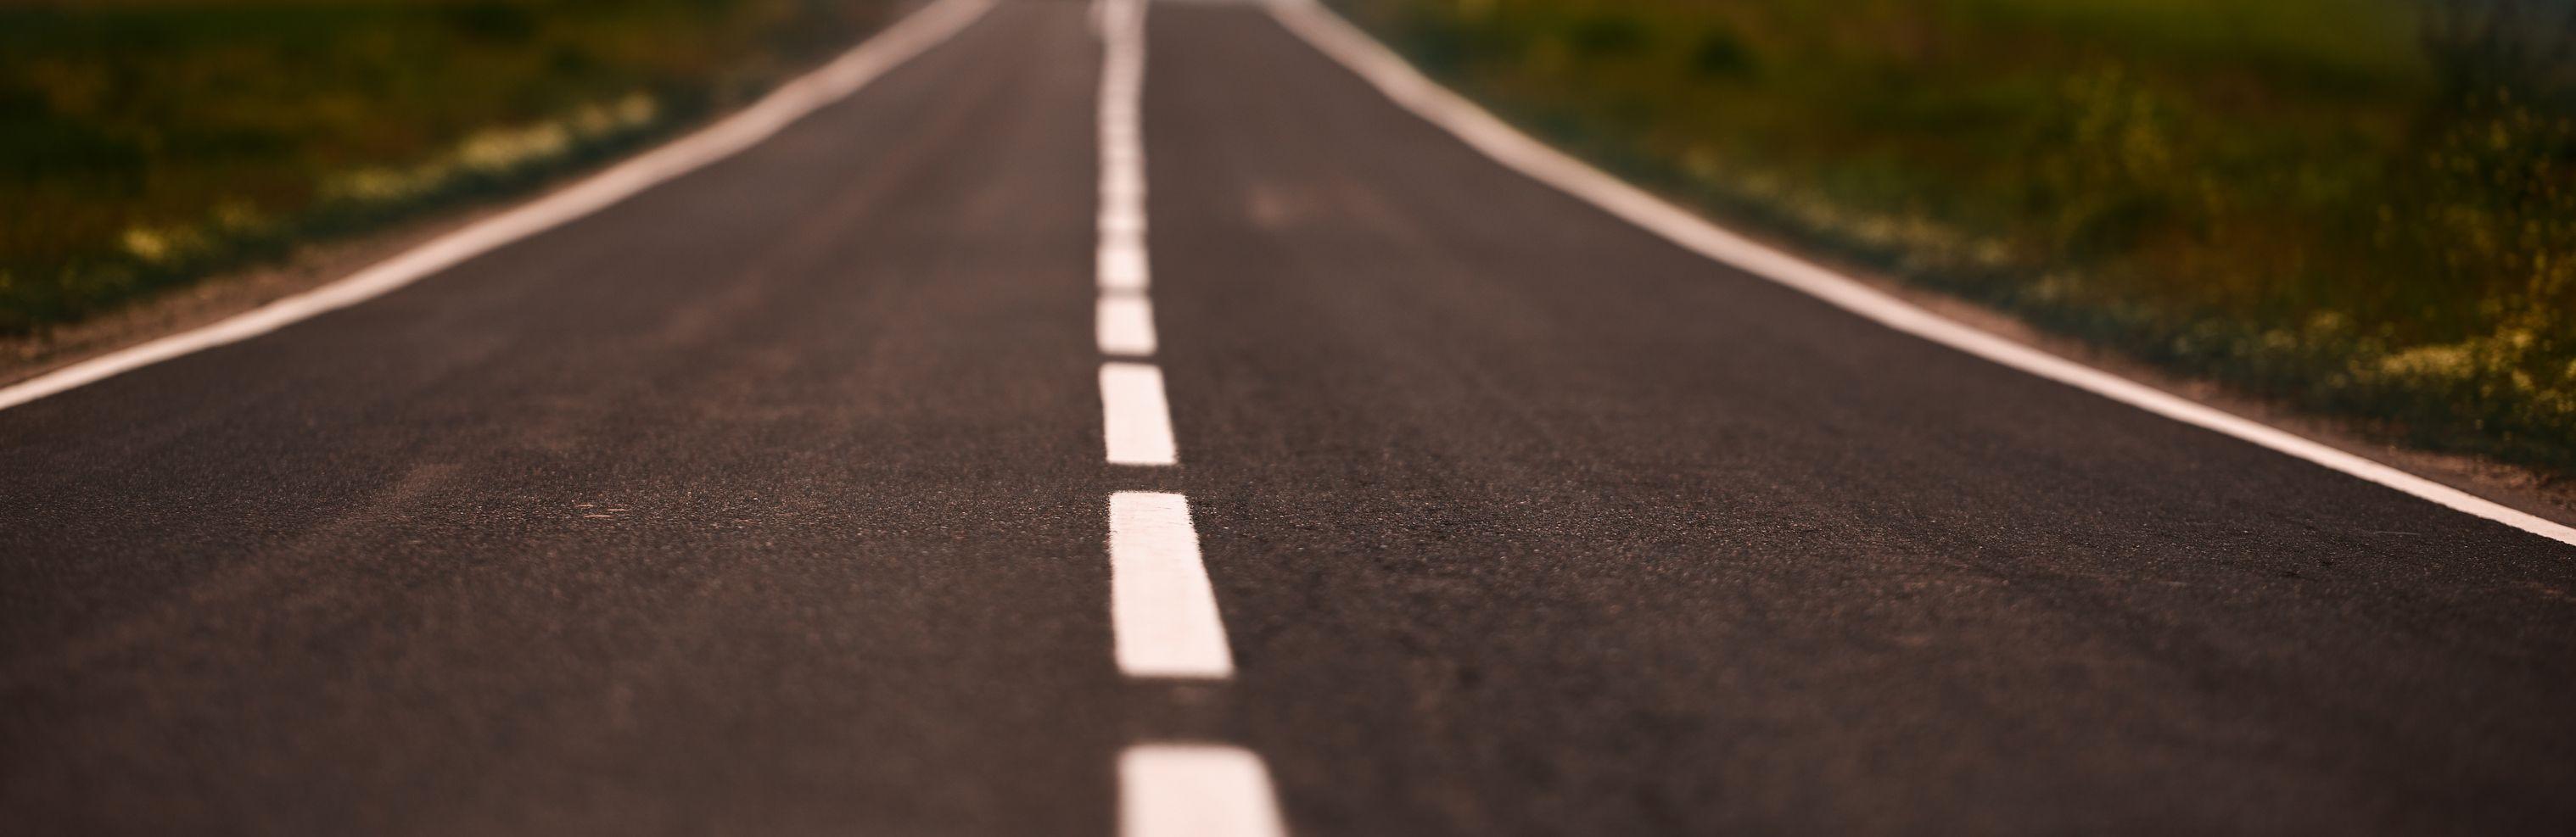 Instalación y mantenimiento de juntas de dilatación en carretera